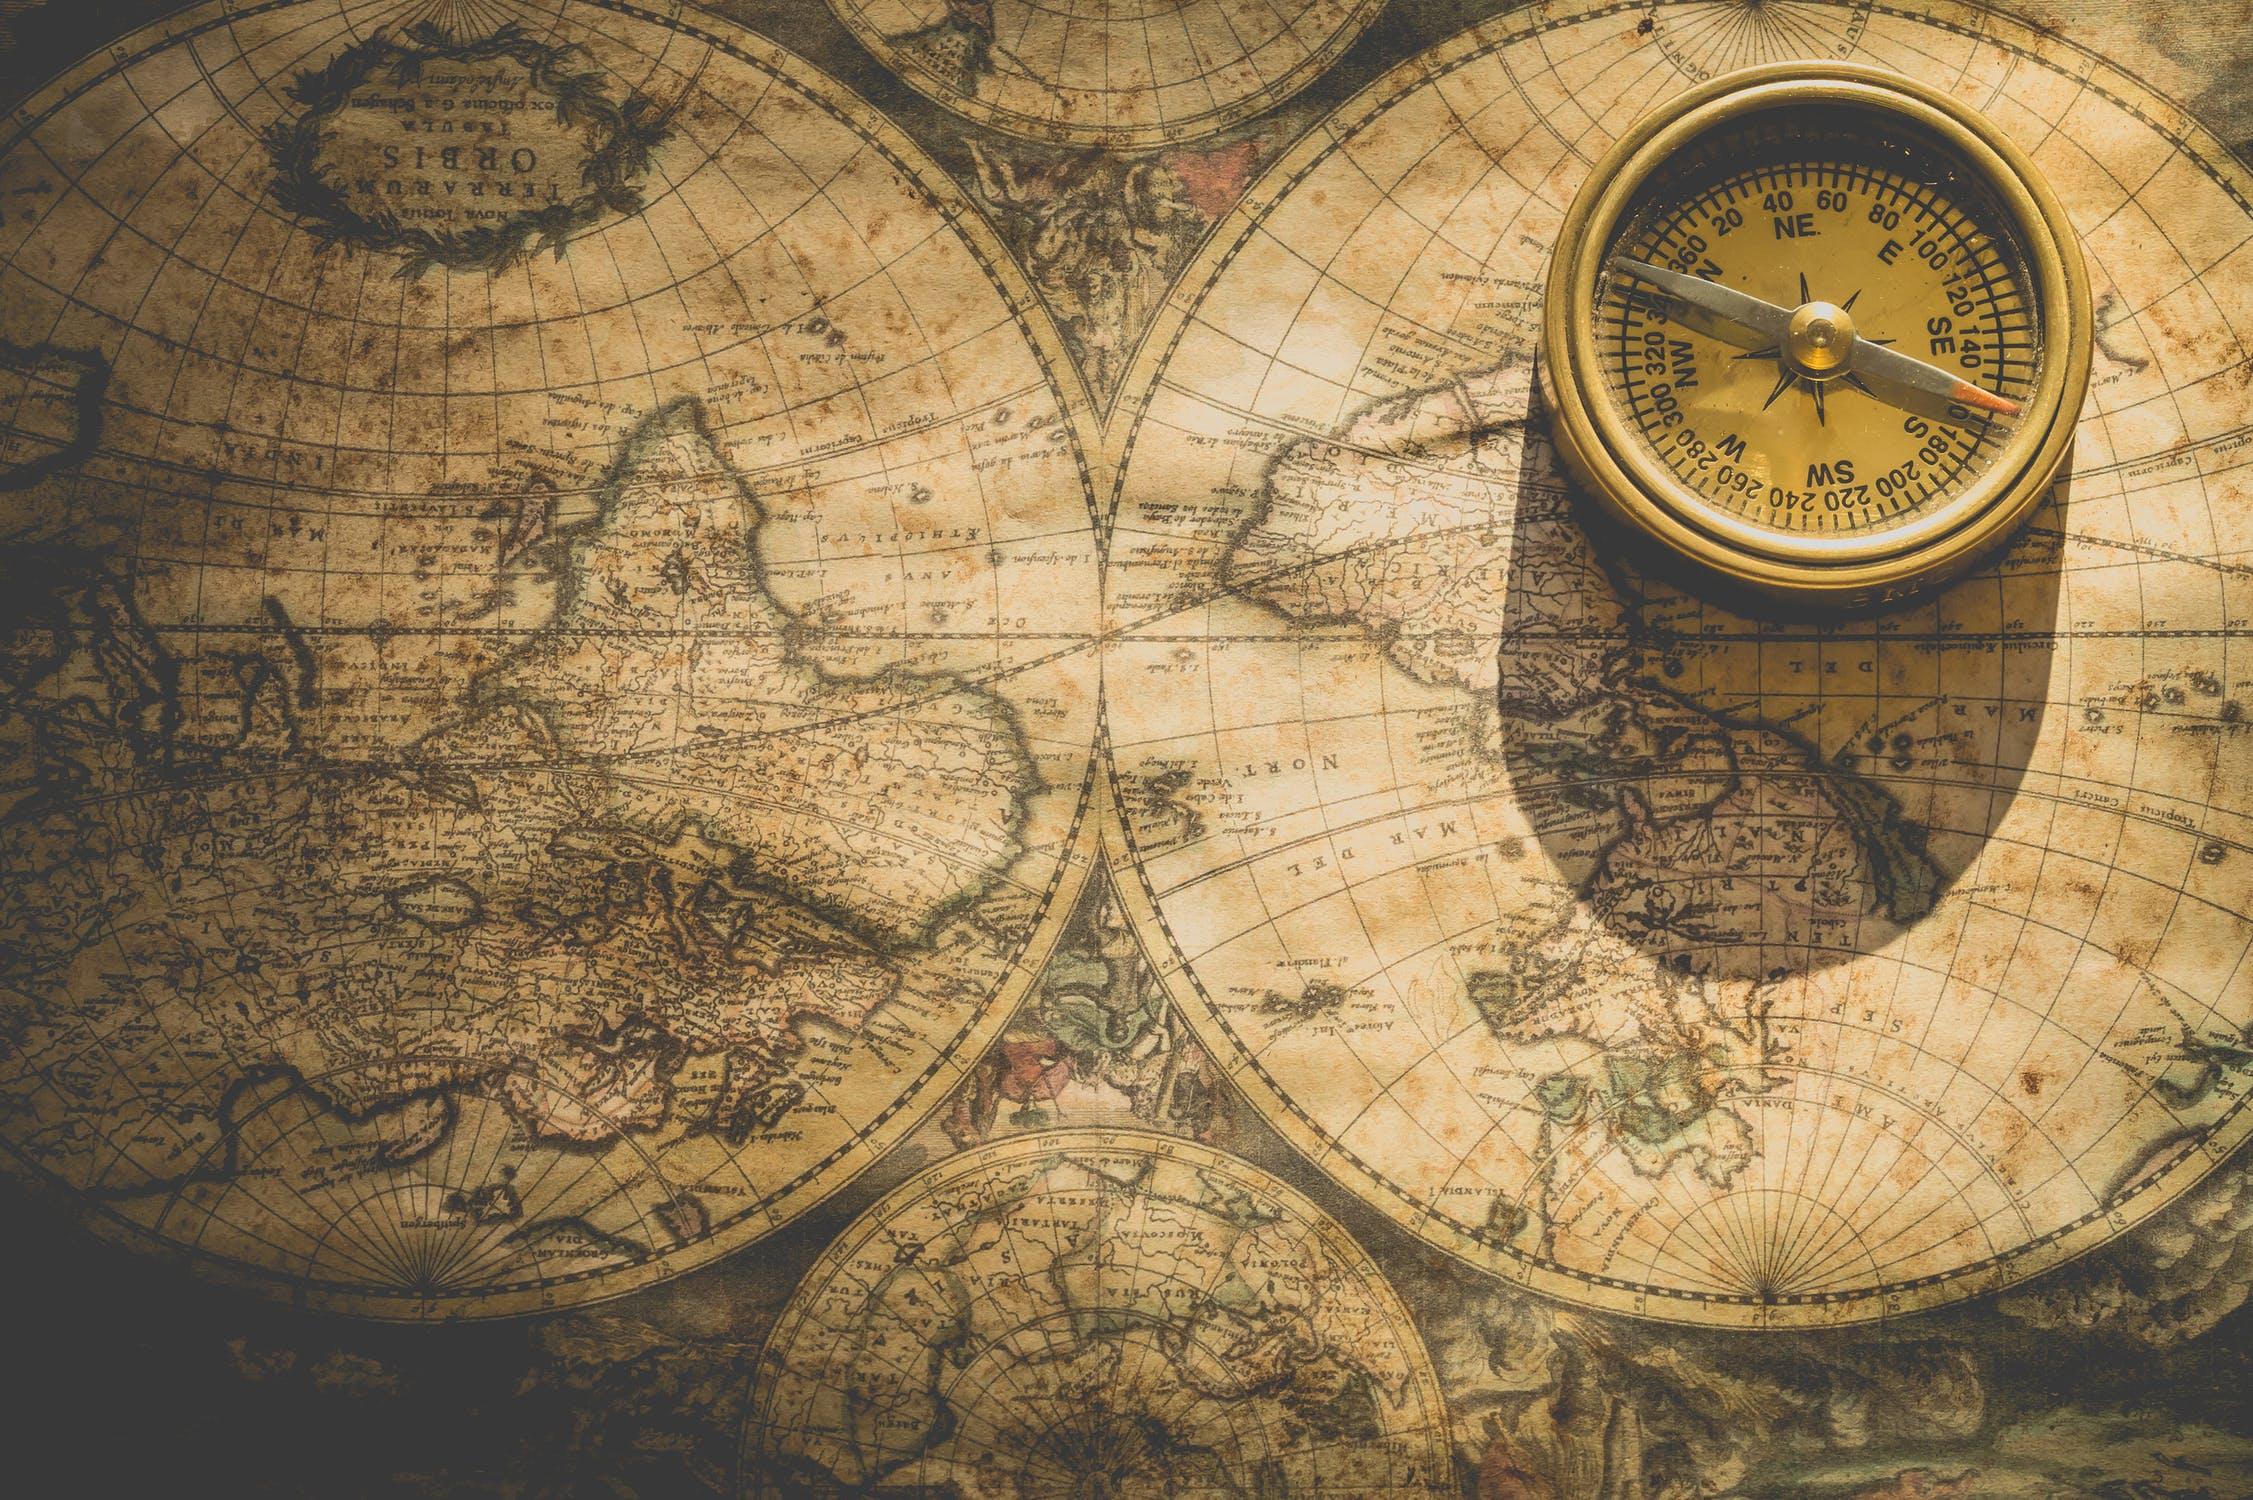 Alte etwas vergilbte Weltkarte mit Illustrationen; darauf liegt ein altmodischer Kompass; eigene Welt erschaffen